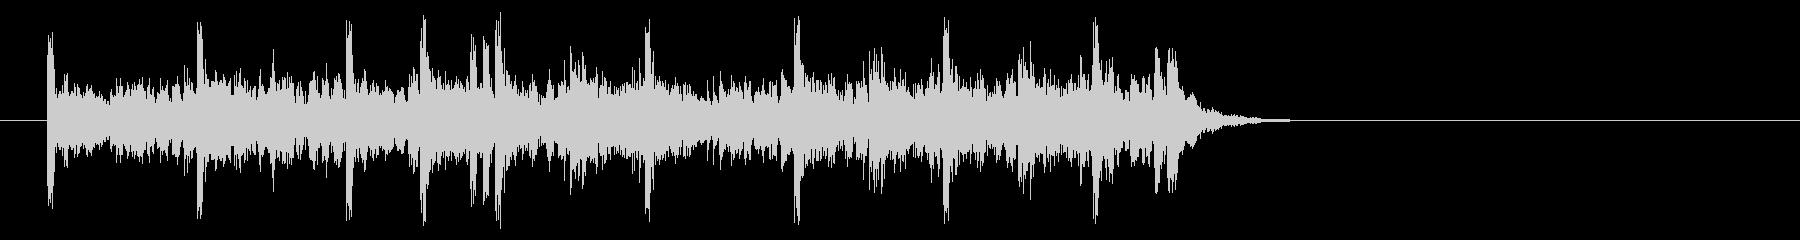 充実感溢れるポップ(イントロ)の未再生の波形